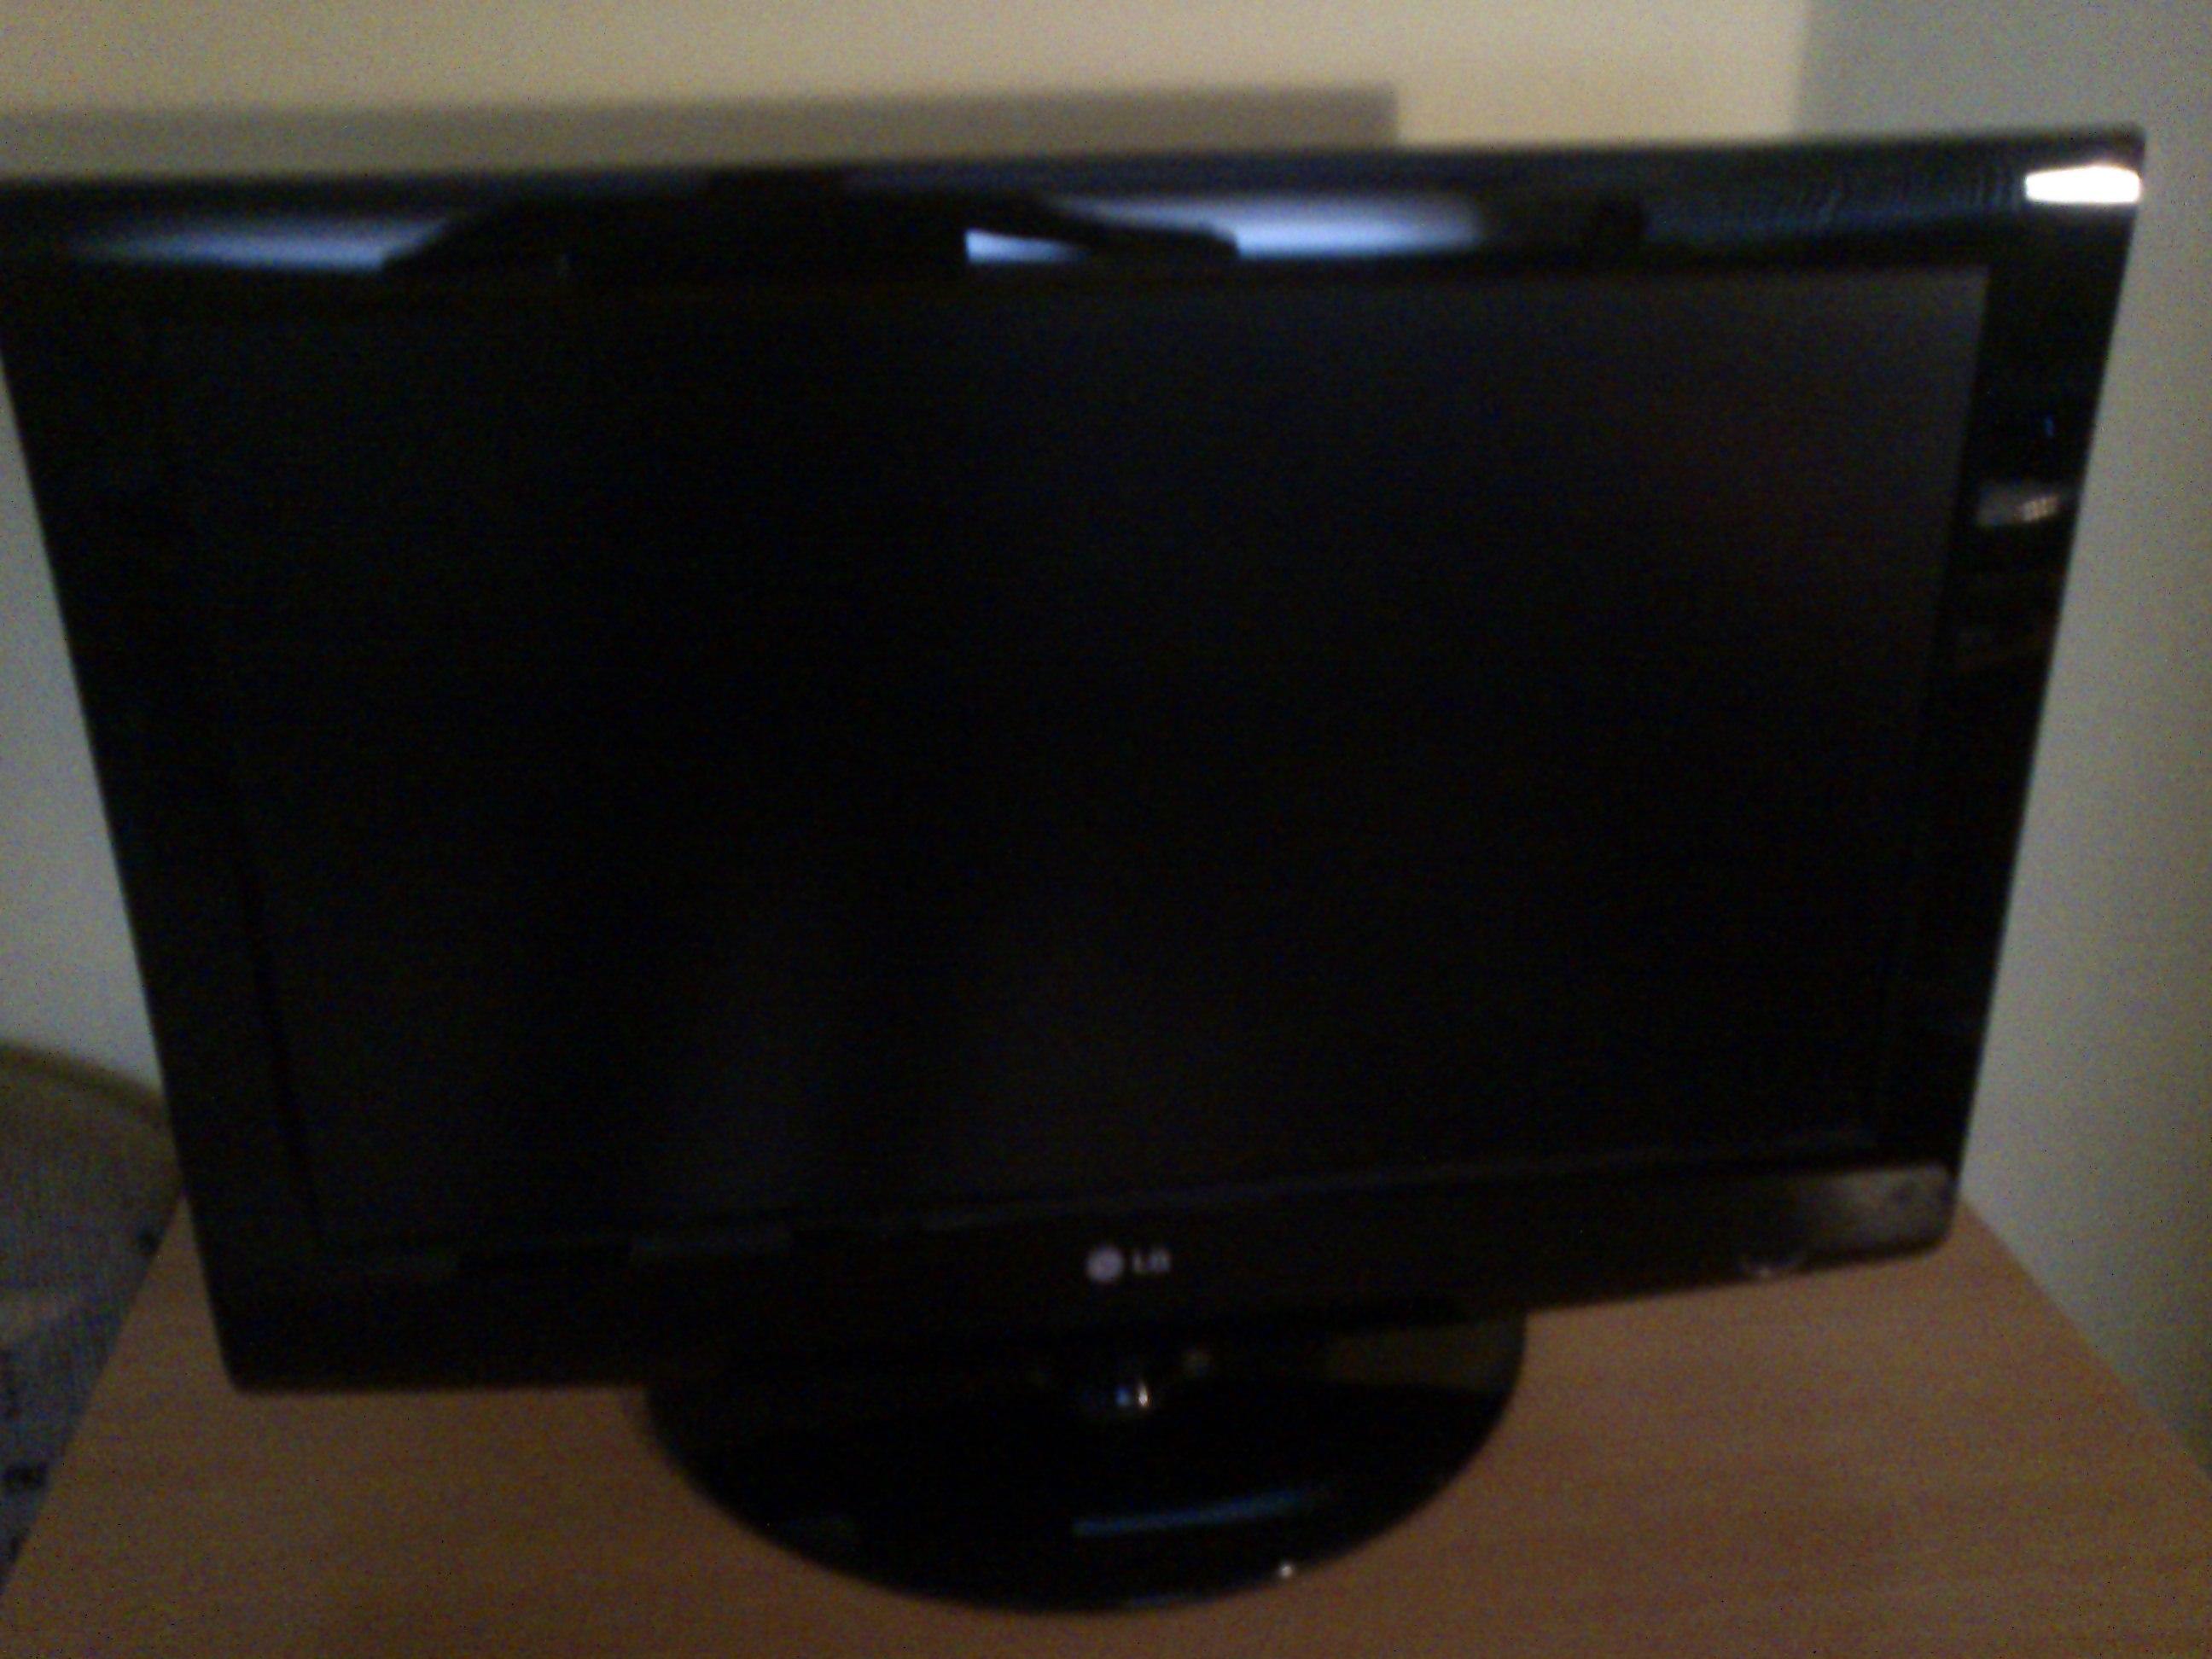 [Sprzedam] Telewizor LG 32Lg300 - uszkodzona matryca.